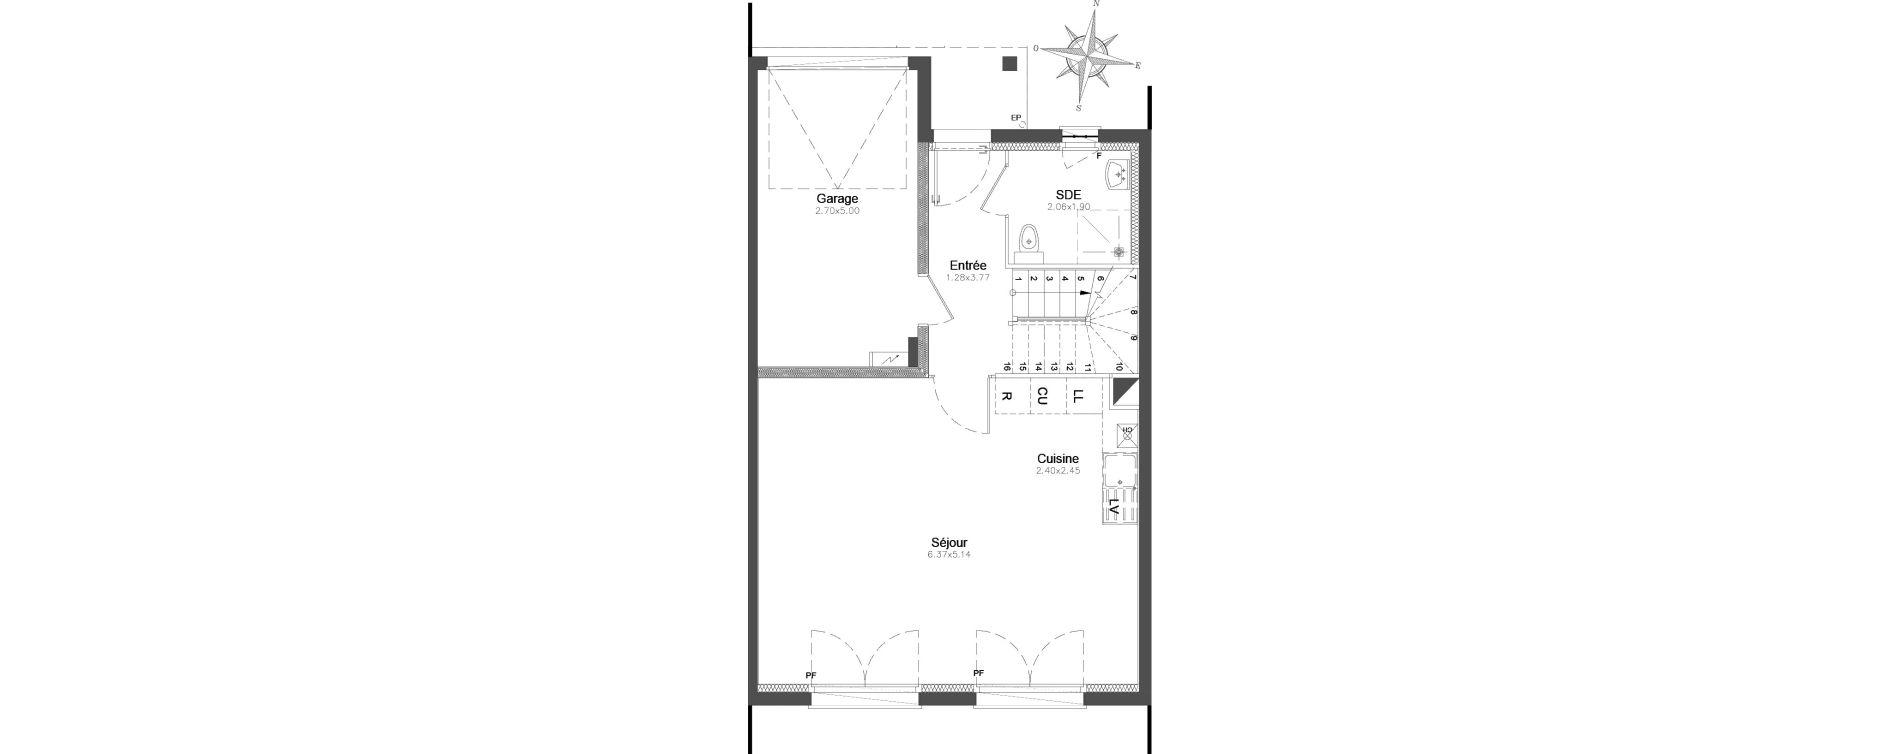 Maison T4 de 94,84 m2 à Combs-La-Ville Centre